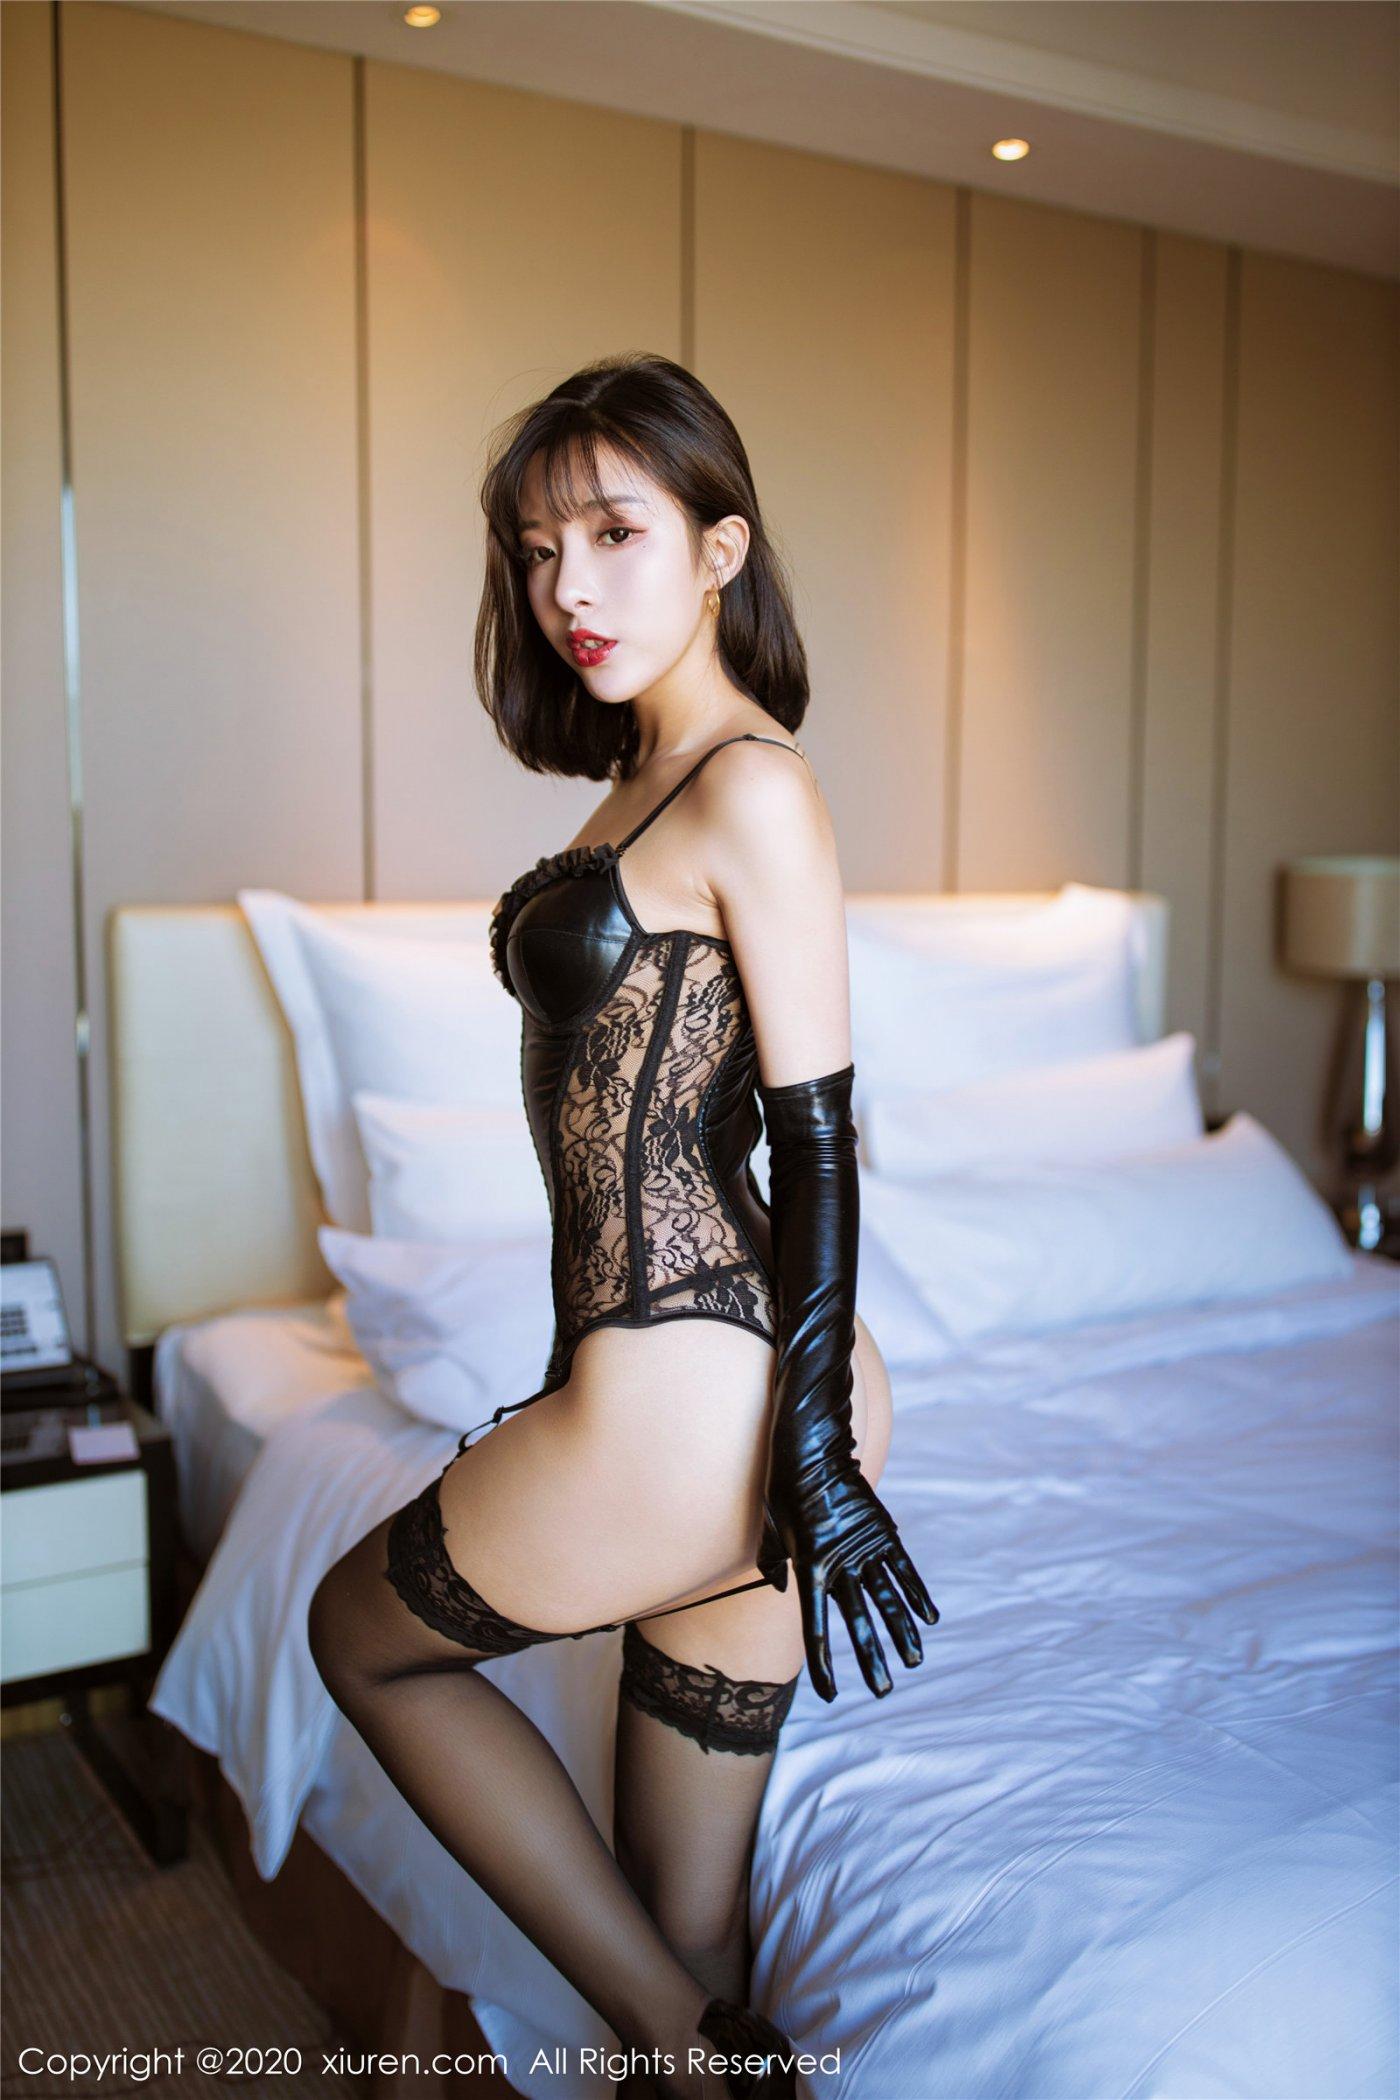 黑色皮衣与黑丝 陈小喵(Vol. 2068) 性感mm-第2张